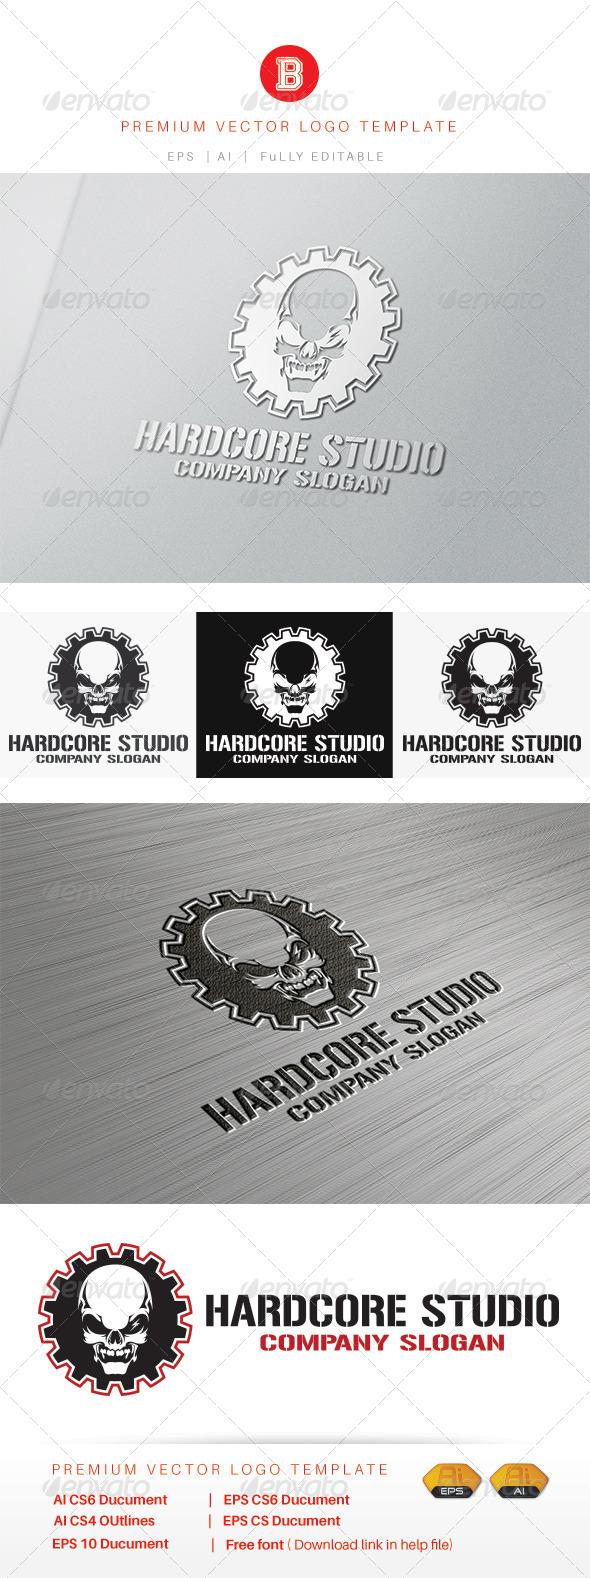 GraphicRiver Hardcore Studio 8434164